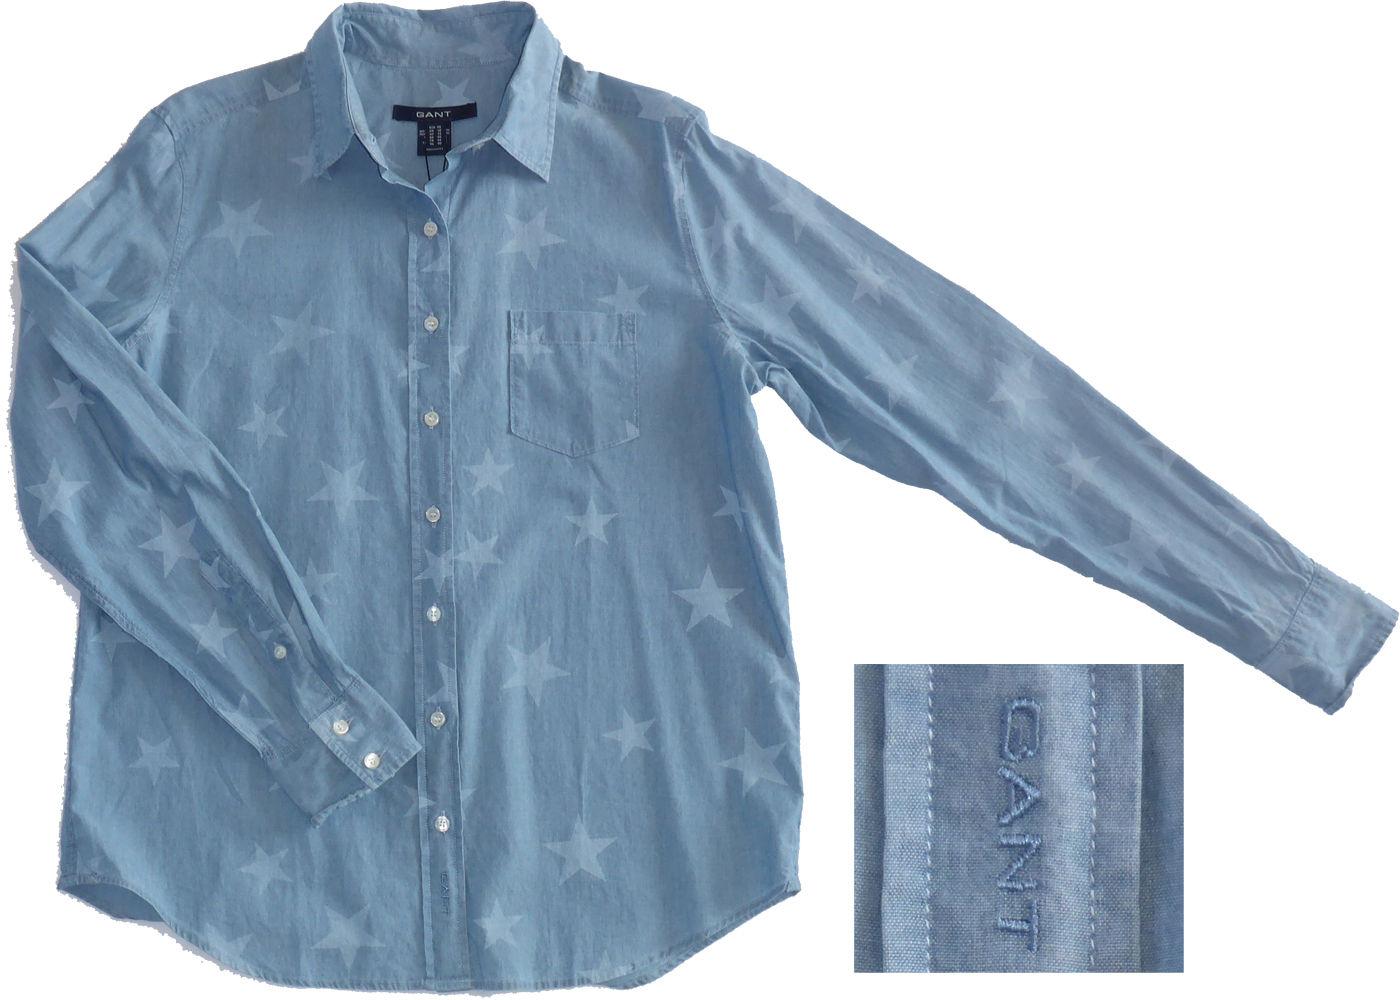 GANT Jeansbluse, Bluse mit Sternchen, Star Indigo Shirt